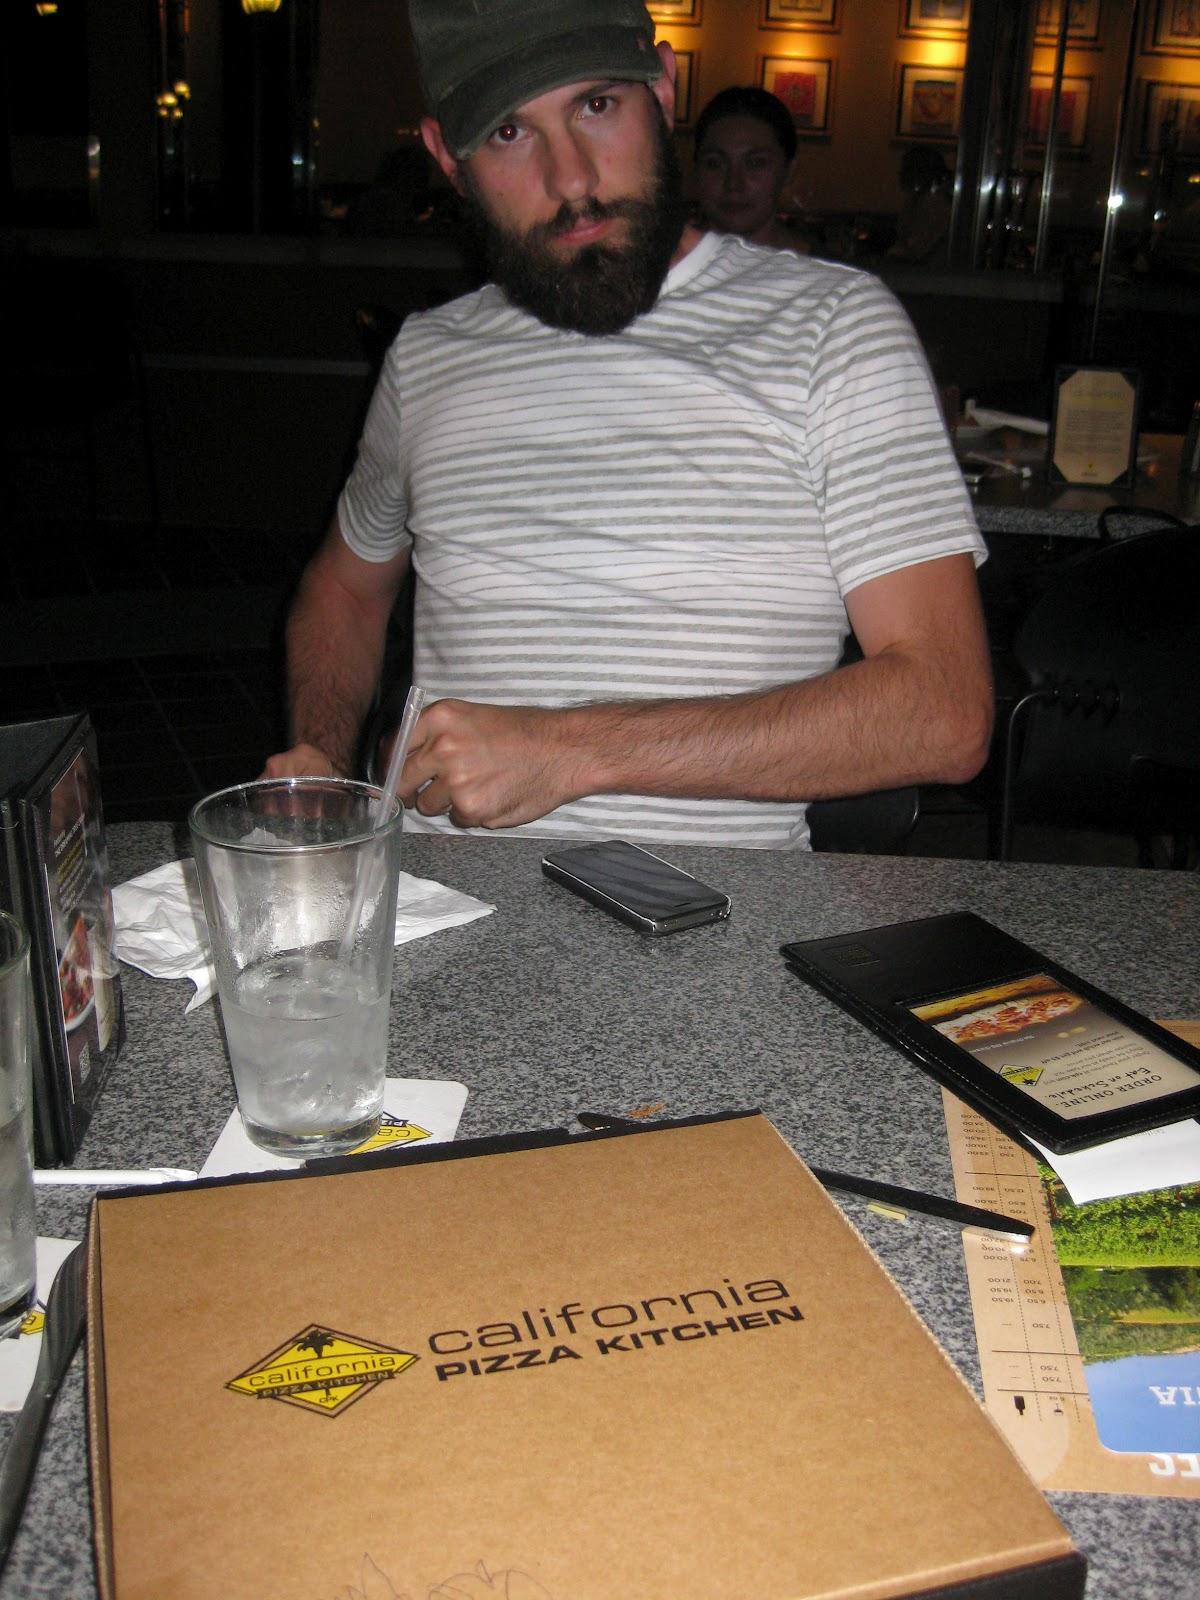 California Pizza Kitchen Locations In Orange County Ca